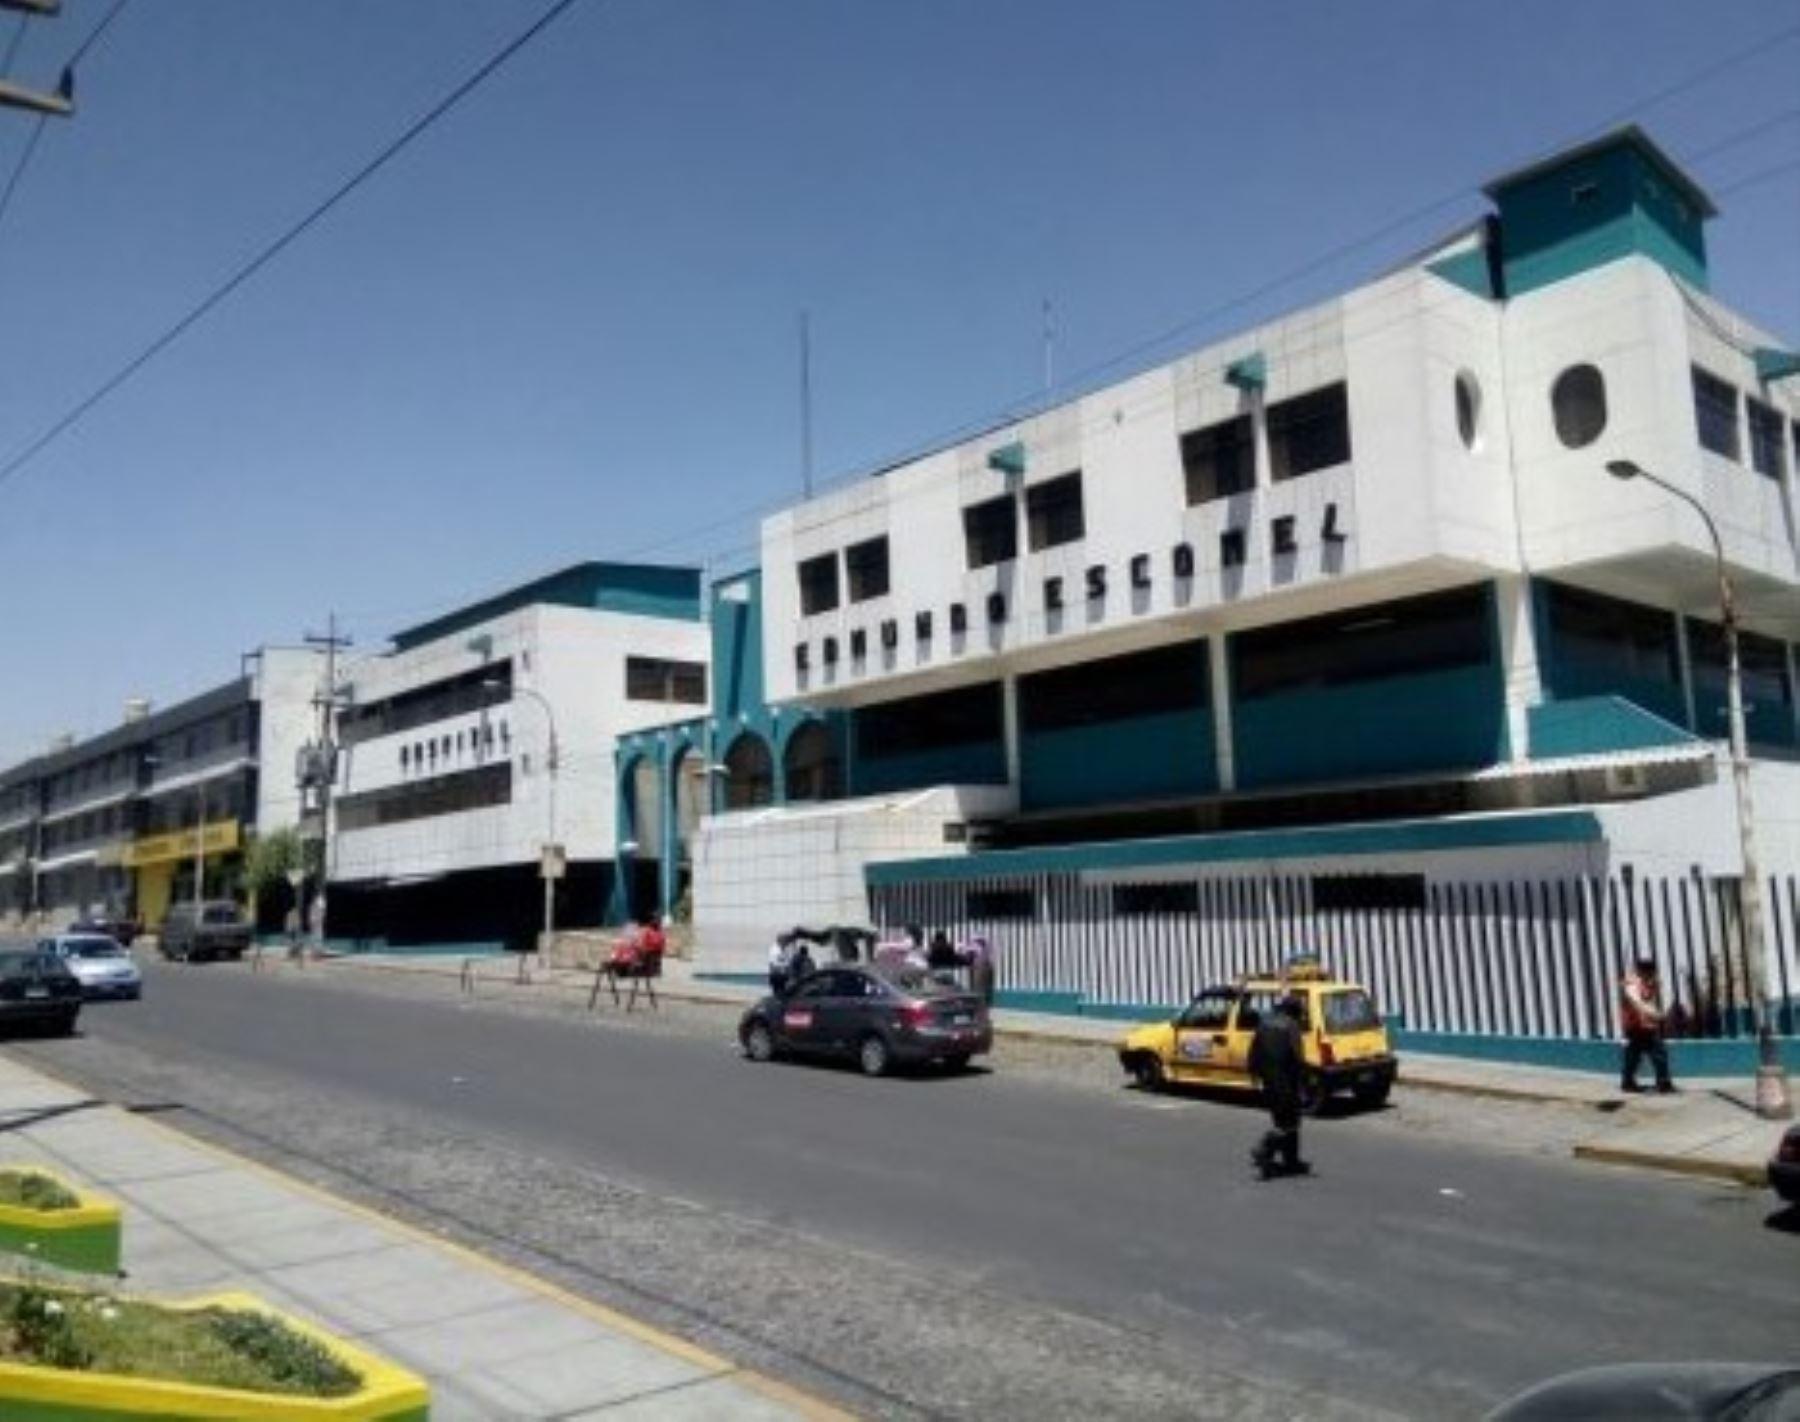 La Red Asistencial EsSalud de Arequipa acondicionó 50 camas en el Hospital I Edmundo Escomel, para la atención exclusiva de pacientes que contrajeron el nuevo coronavirus y, de esa manera, prevenir la saturación y colapso de los centros asistenciales que tiene a su cargo.